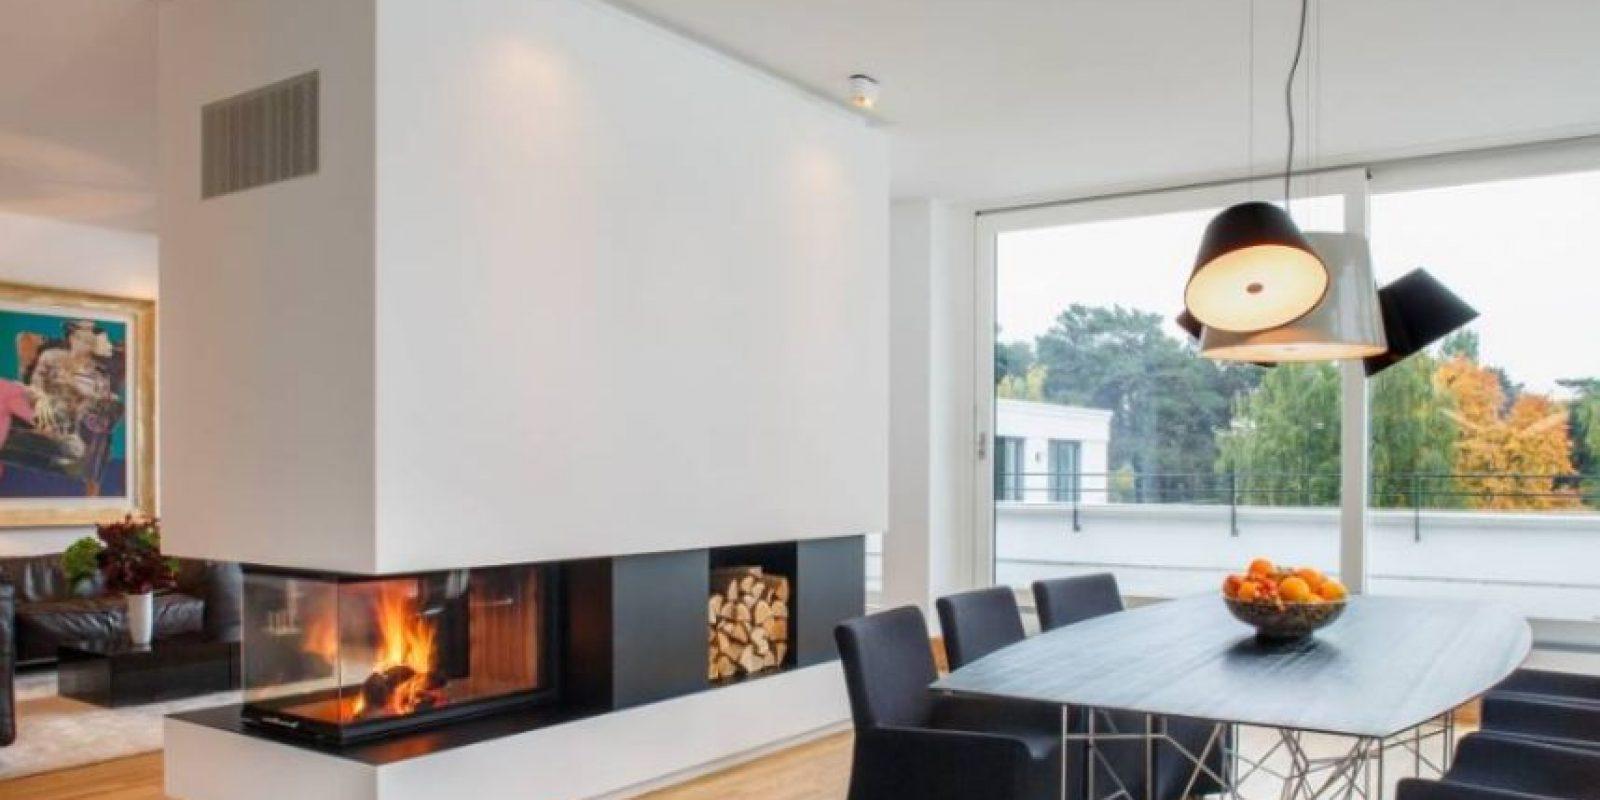 Diseño por: KJUBIK INNENARCHITEKTUR Foto:https://www.homify.com.mx/fotografia/1077679/penthouse-berlin